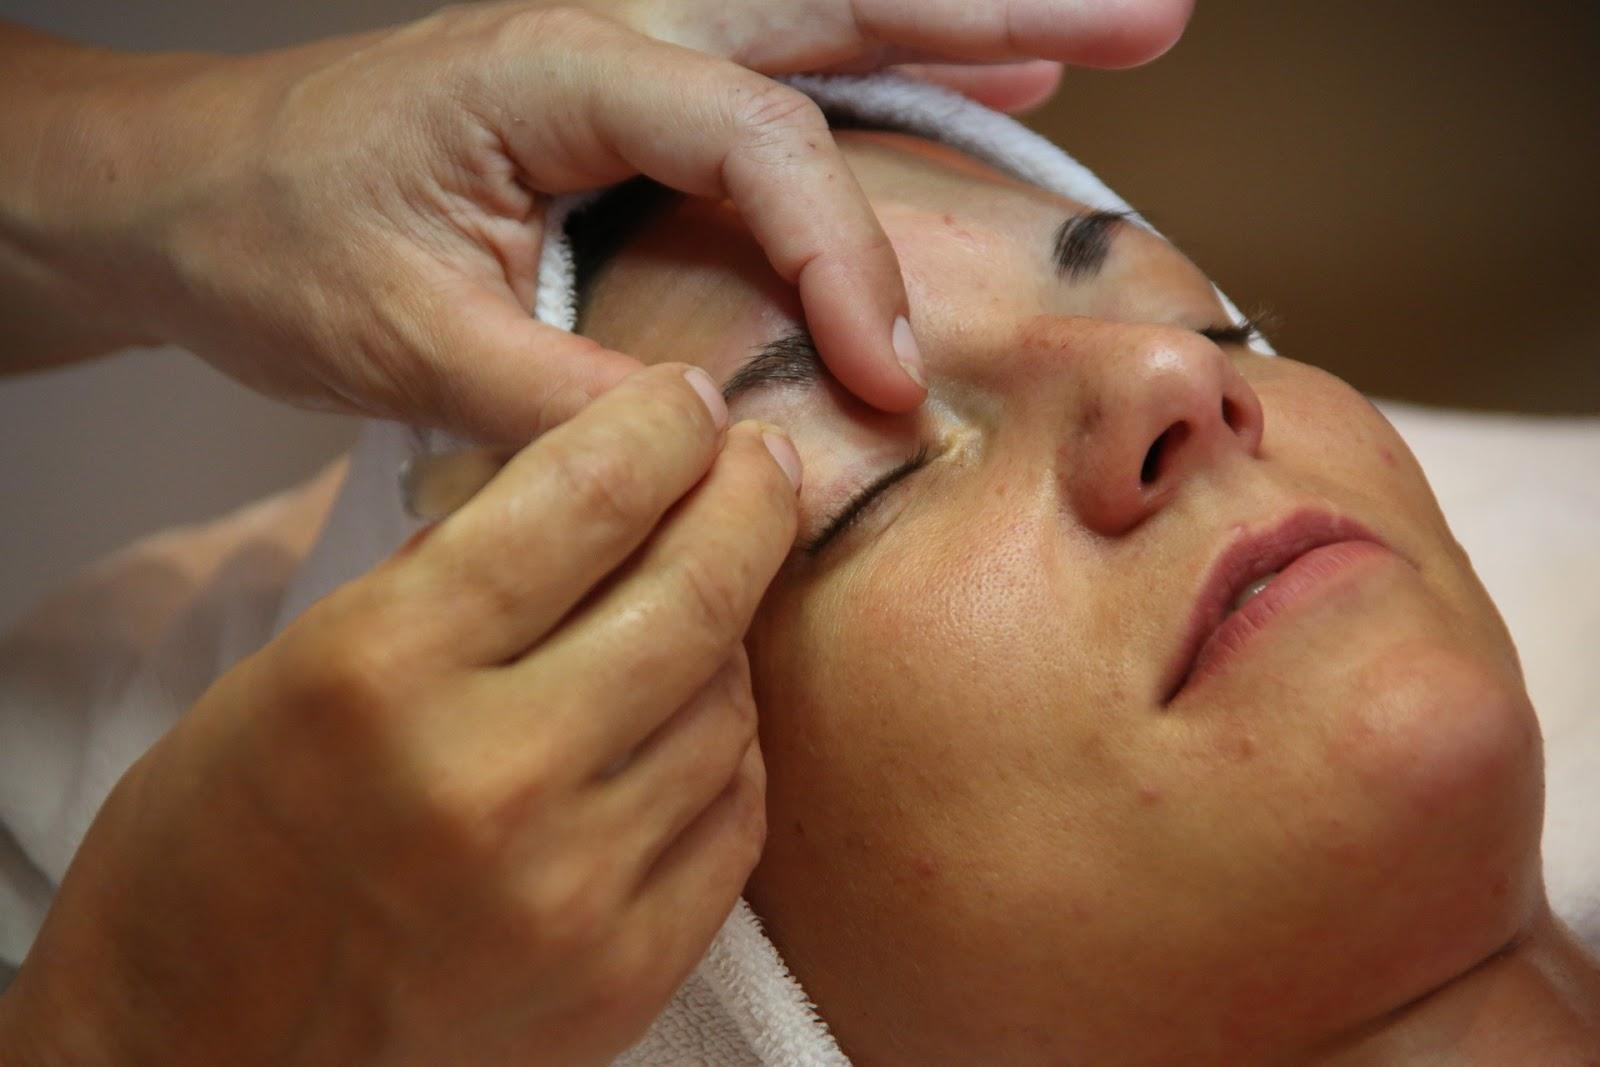 makijaz permanentny w ciazy czy mozna?